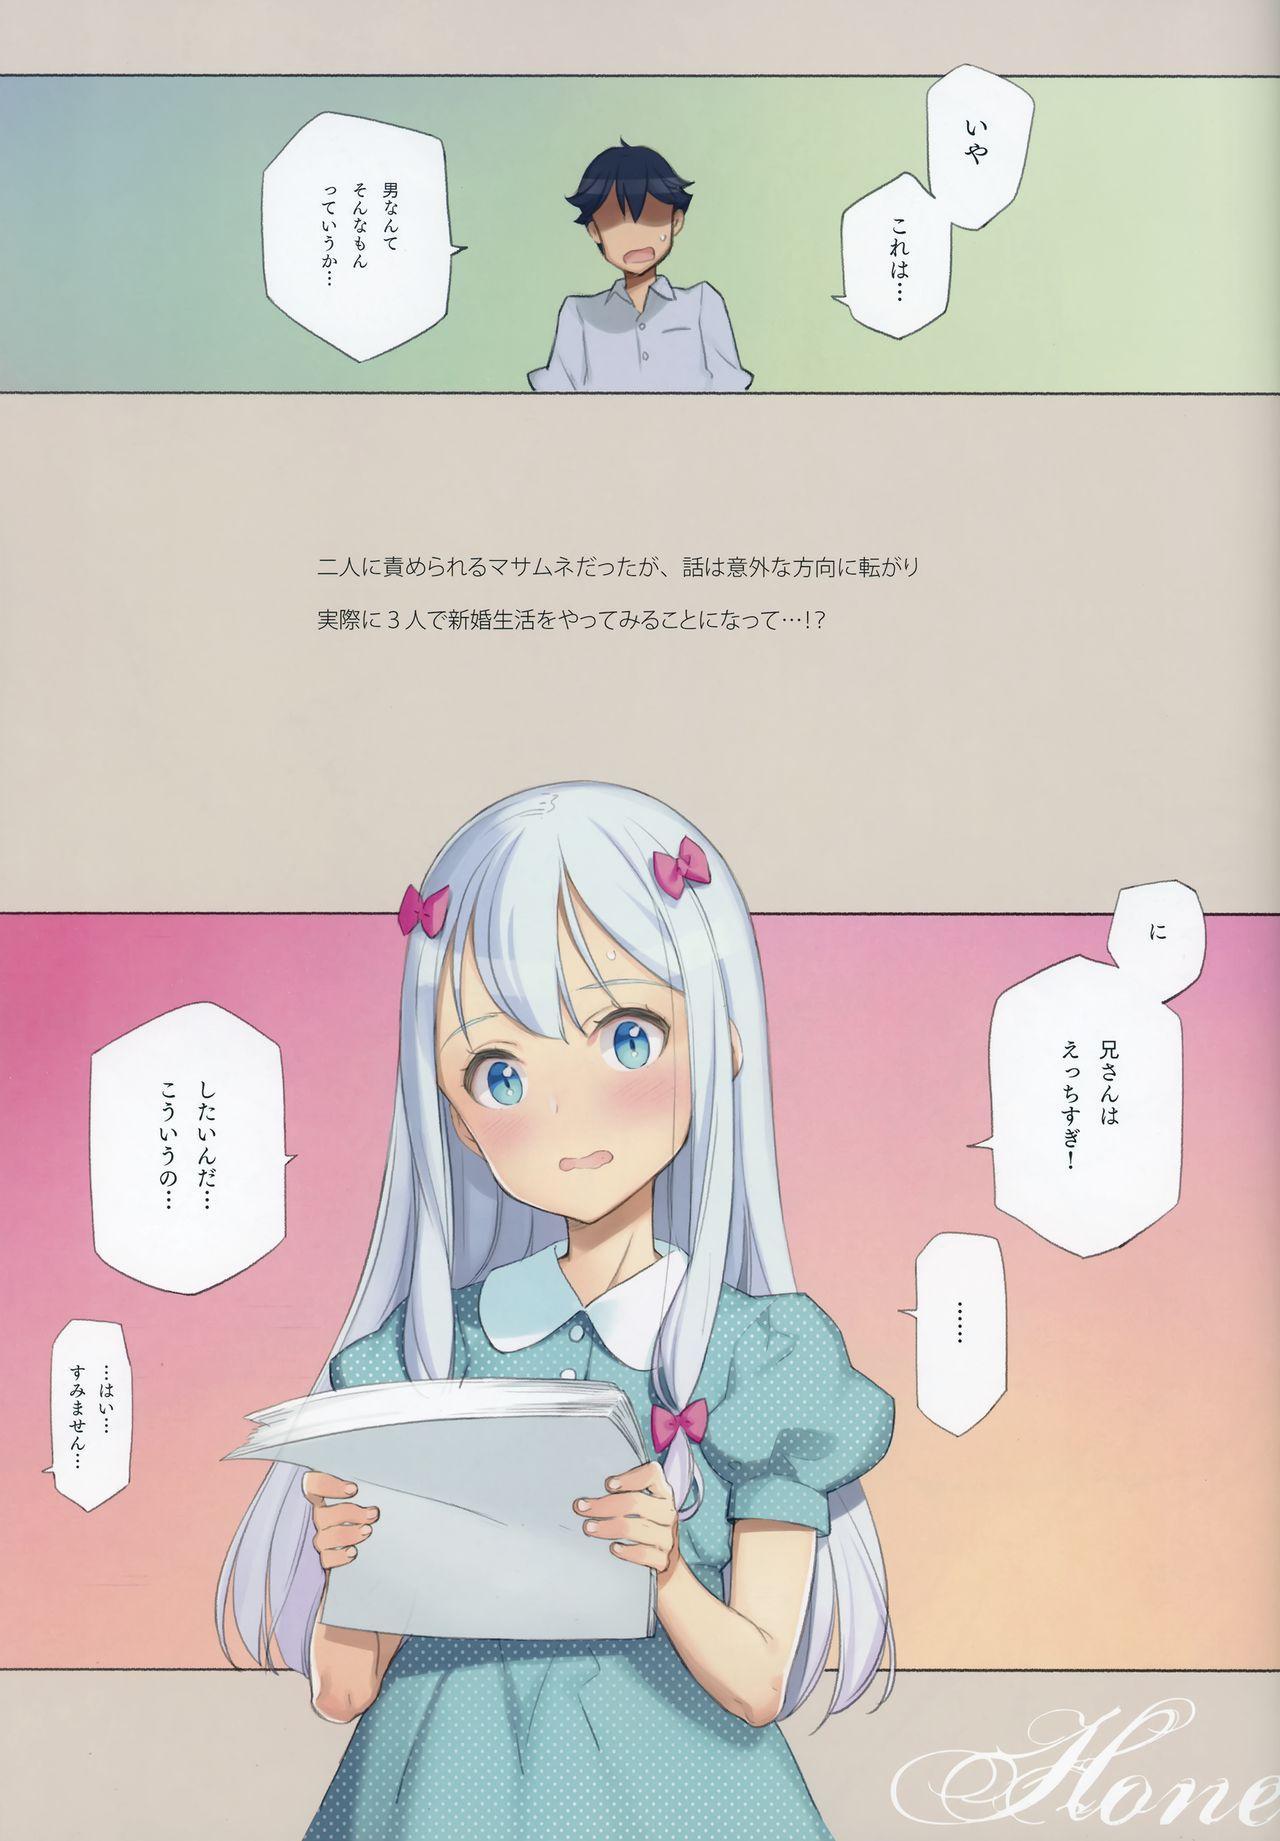 Mitsugetsu no Osanazuma - Honeymoon with little wives 2